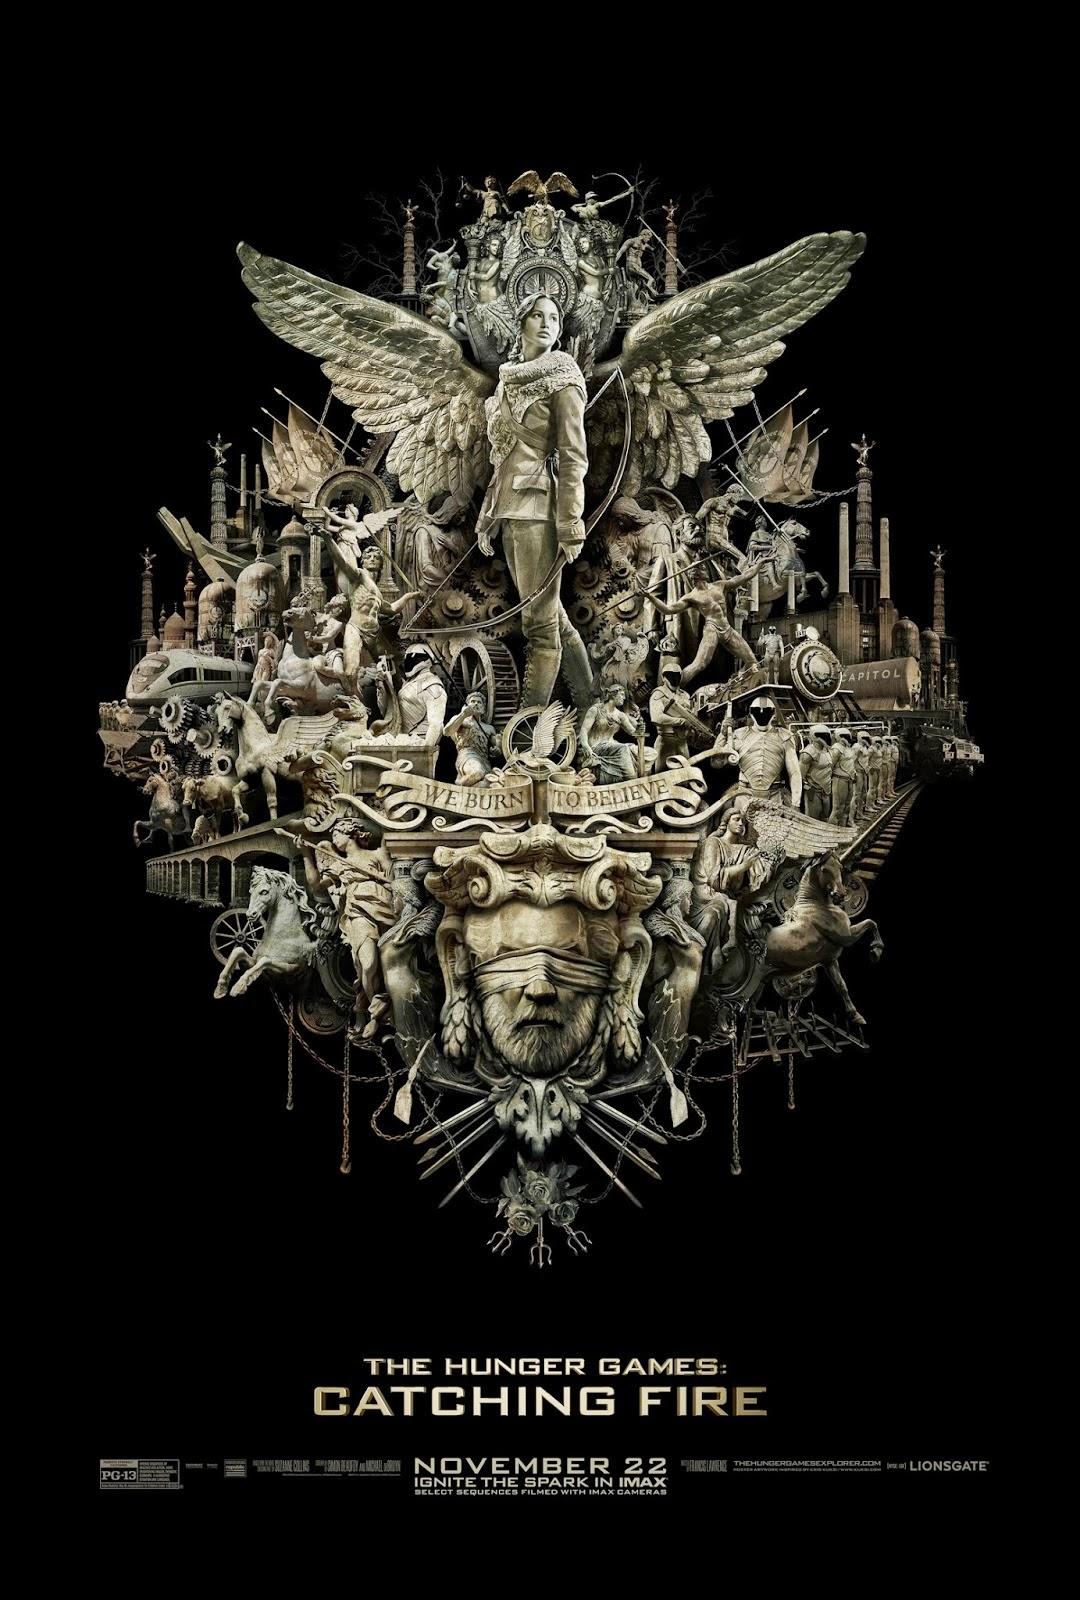 http://1.bp.blogspot.com/-FN7okcxFvQs/UnFRljprNXI/AAAAAAAARRk/34rrms22xdE/s1700/The_Hunger_Games_Catching_Fire_Poster_Imax_JPosters.jpg